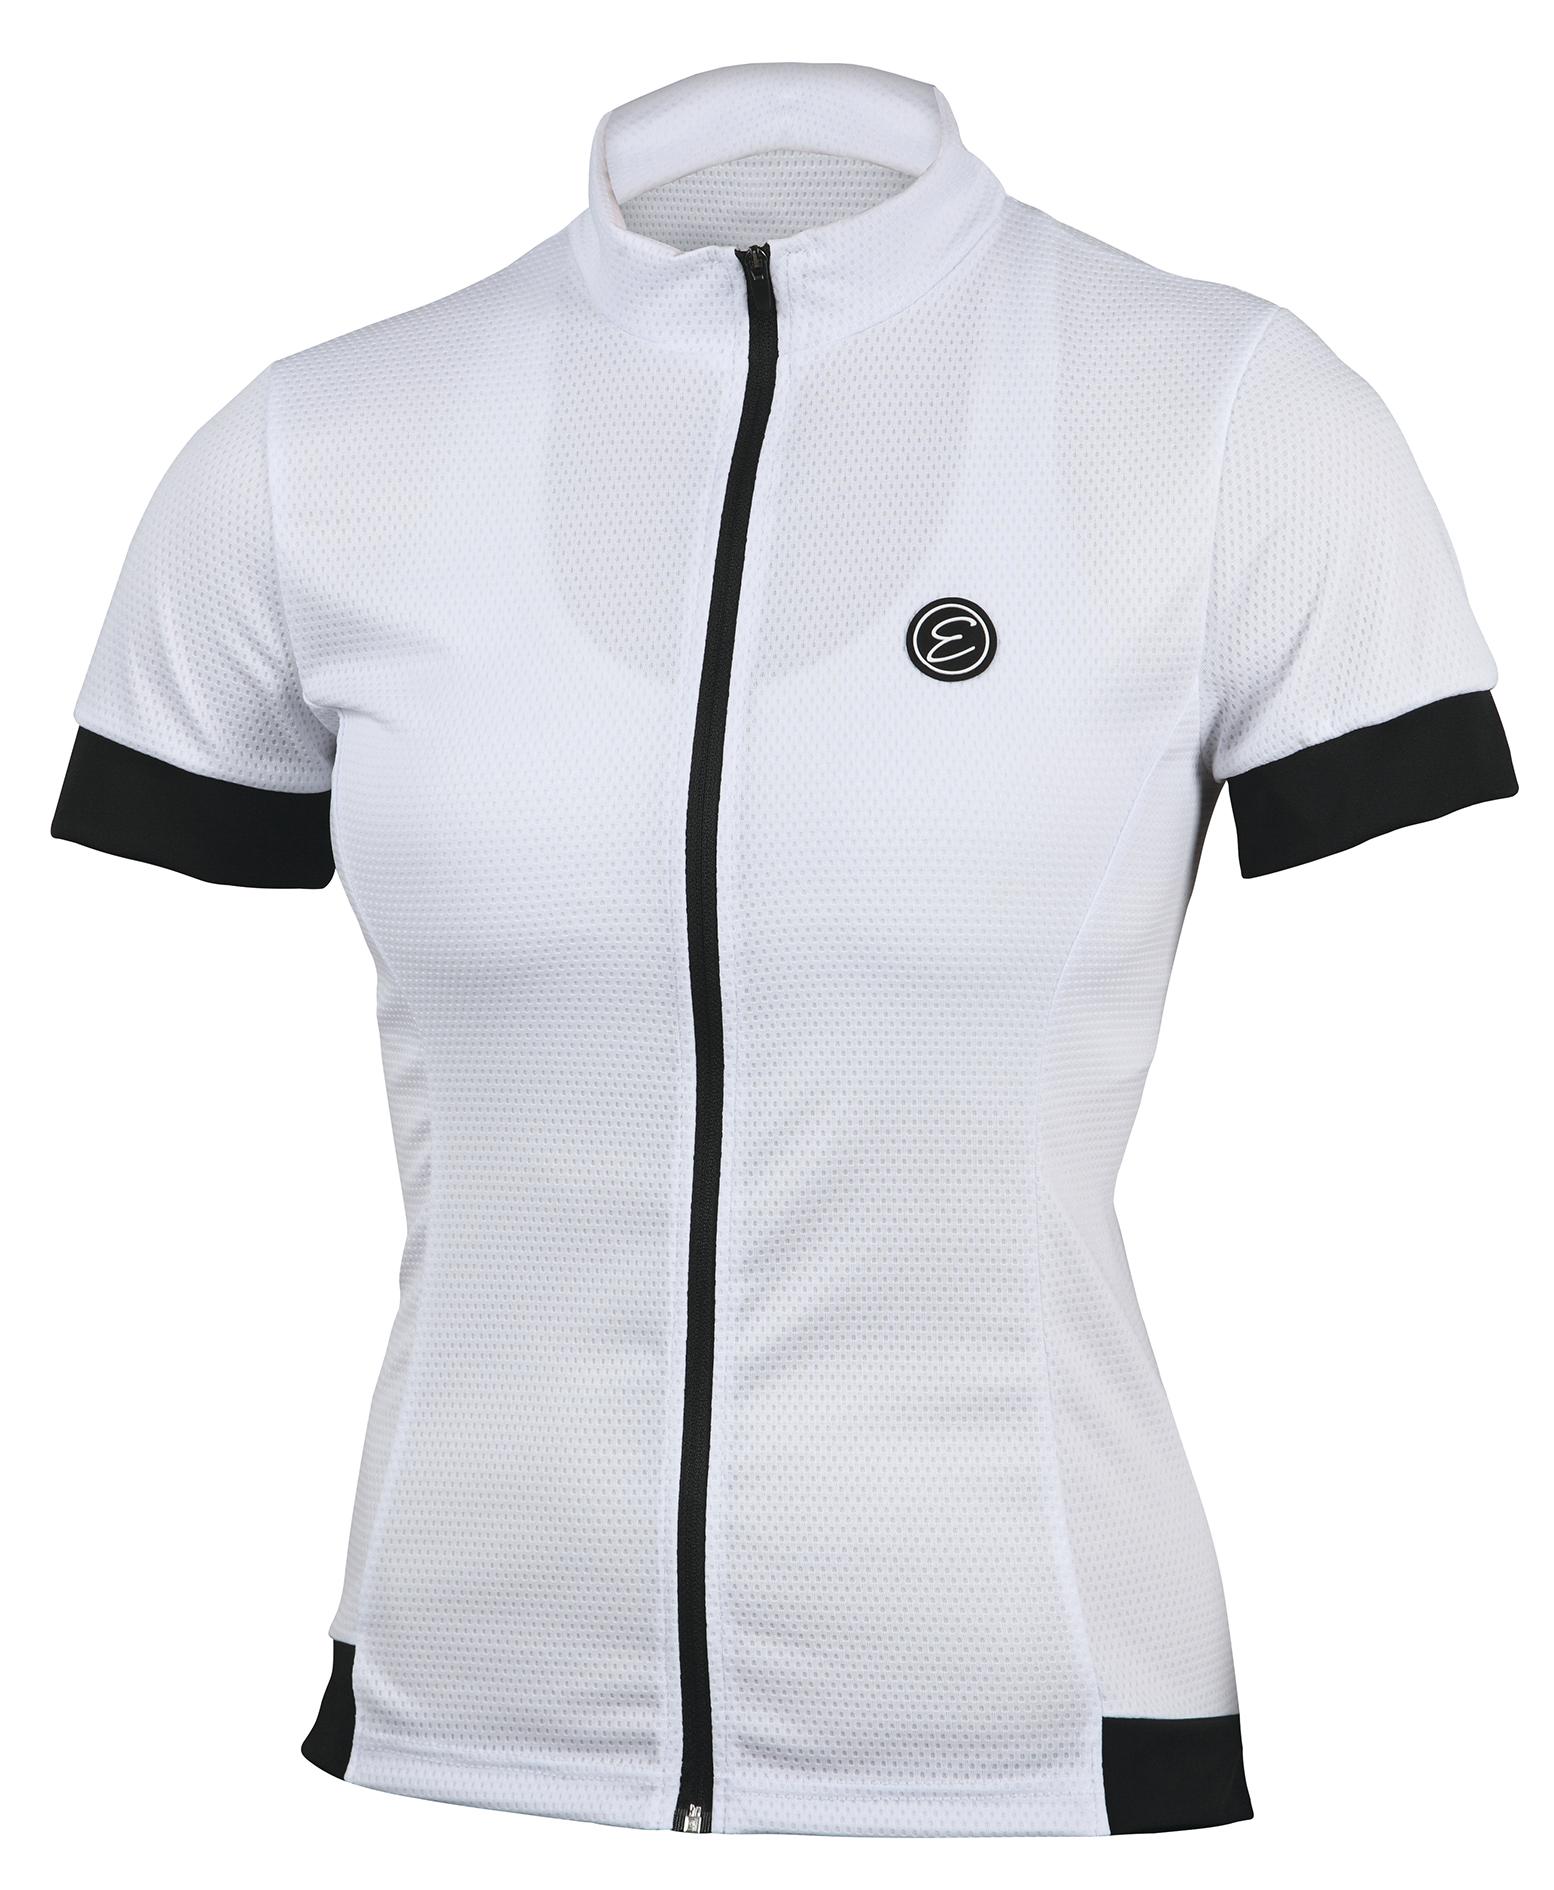 Dámský cyklistický dres ETAPE Donna, vel. XL, bílá, model 2017 (Dámský dres Etape, dlouhý přední zip)